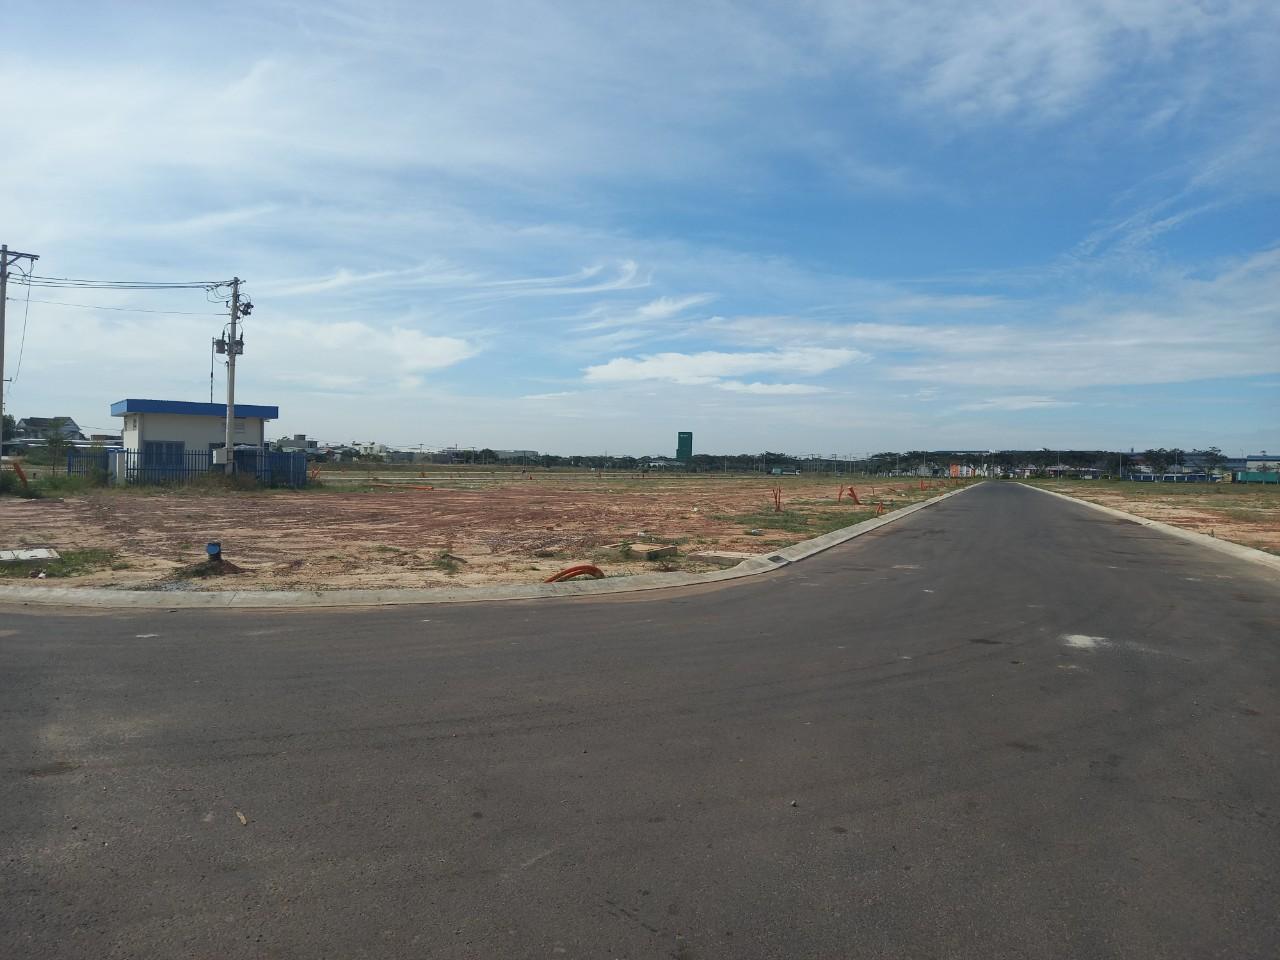 Dự án: Cung cấp vật liệu, thiết bị và xây dựng hạ tầng khu dân cư Ấp 4 Vĩnh Tân tại VSIP II-A (Giai đoạn 3), Bình Dương